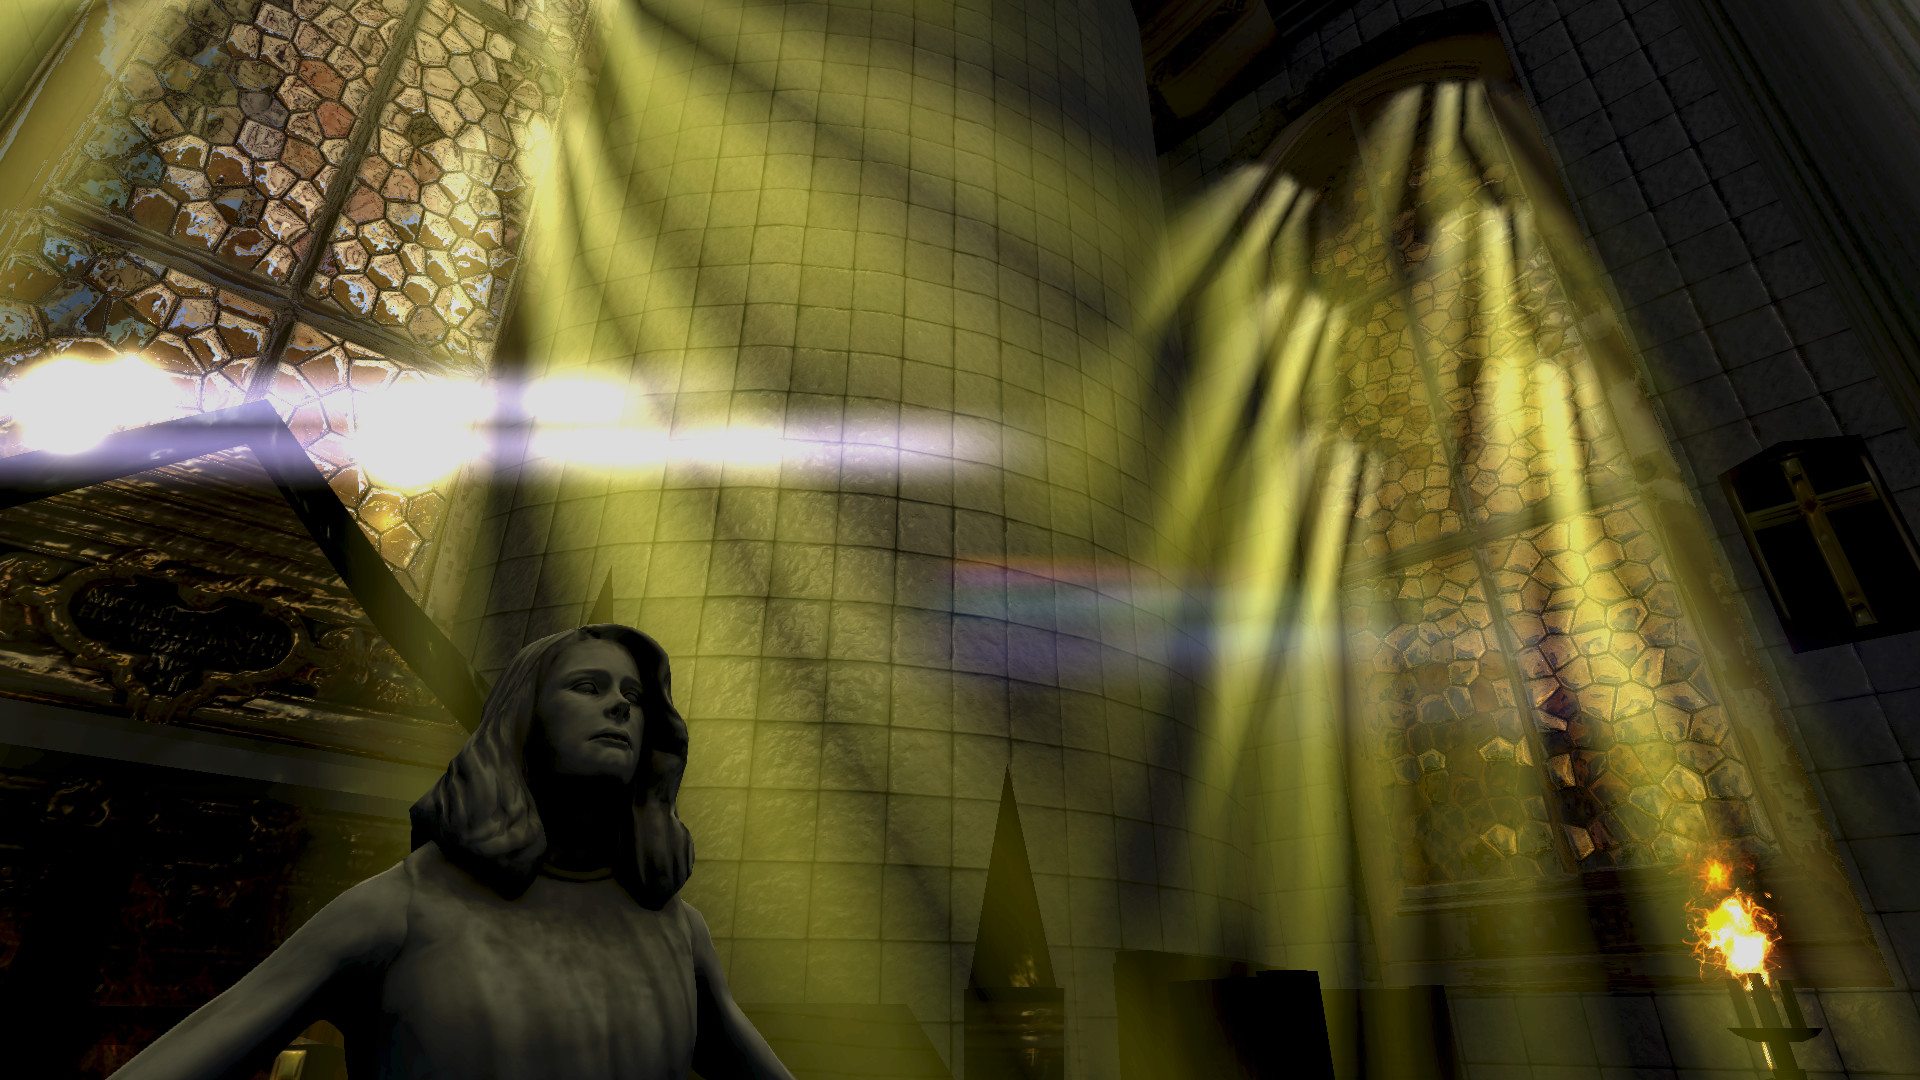 Statues screenshot